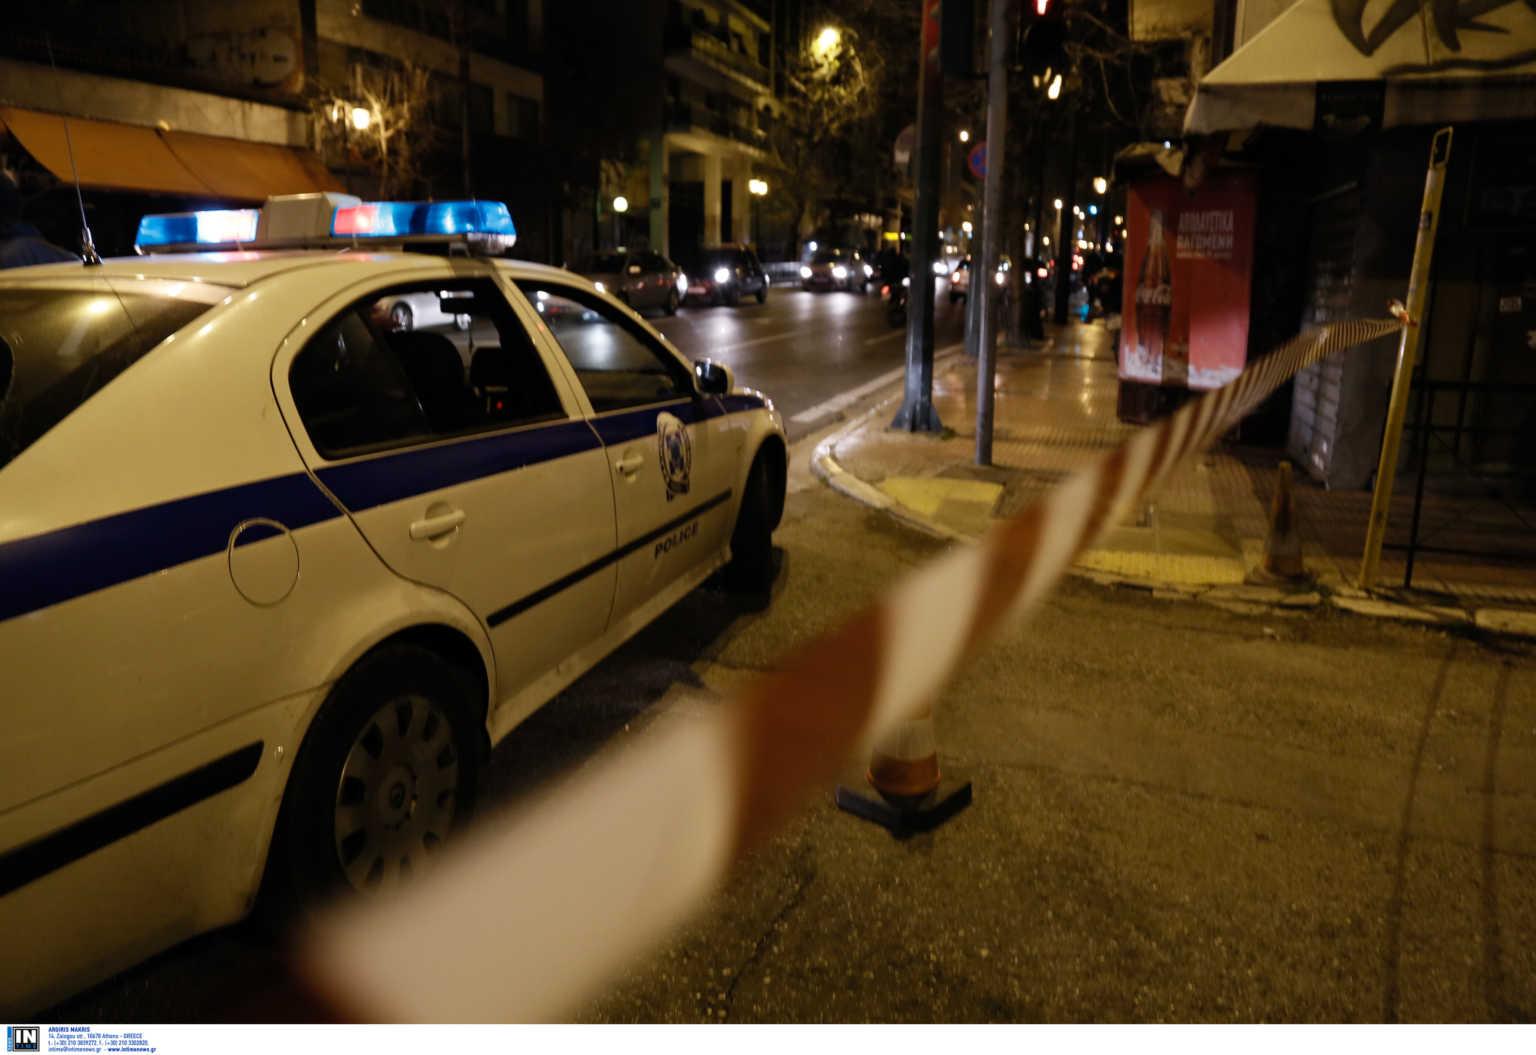 ΕΚΤΑΚΤΟ – Αστυνομικός εκτέλεσε την πρώην σύζυγό του και μια φίλη της έξω από σούπερ μάρκετ στην Κηφισιά!